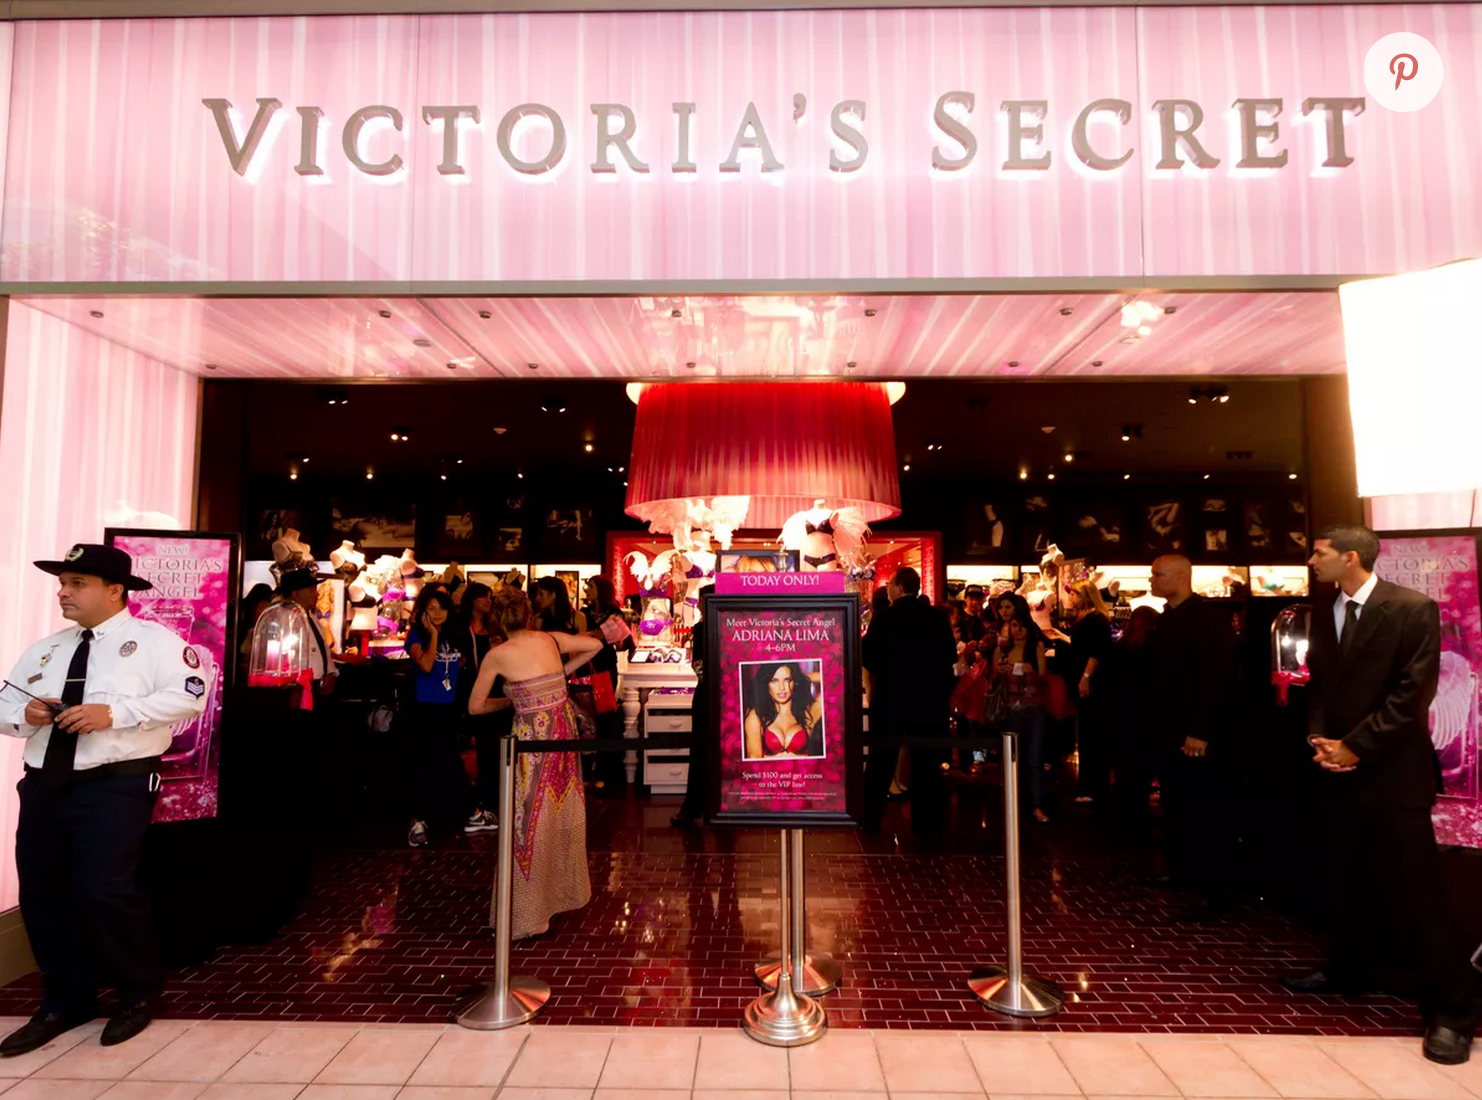 Victoria's secret negozio